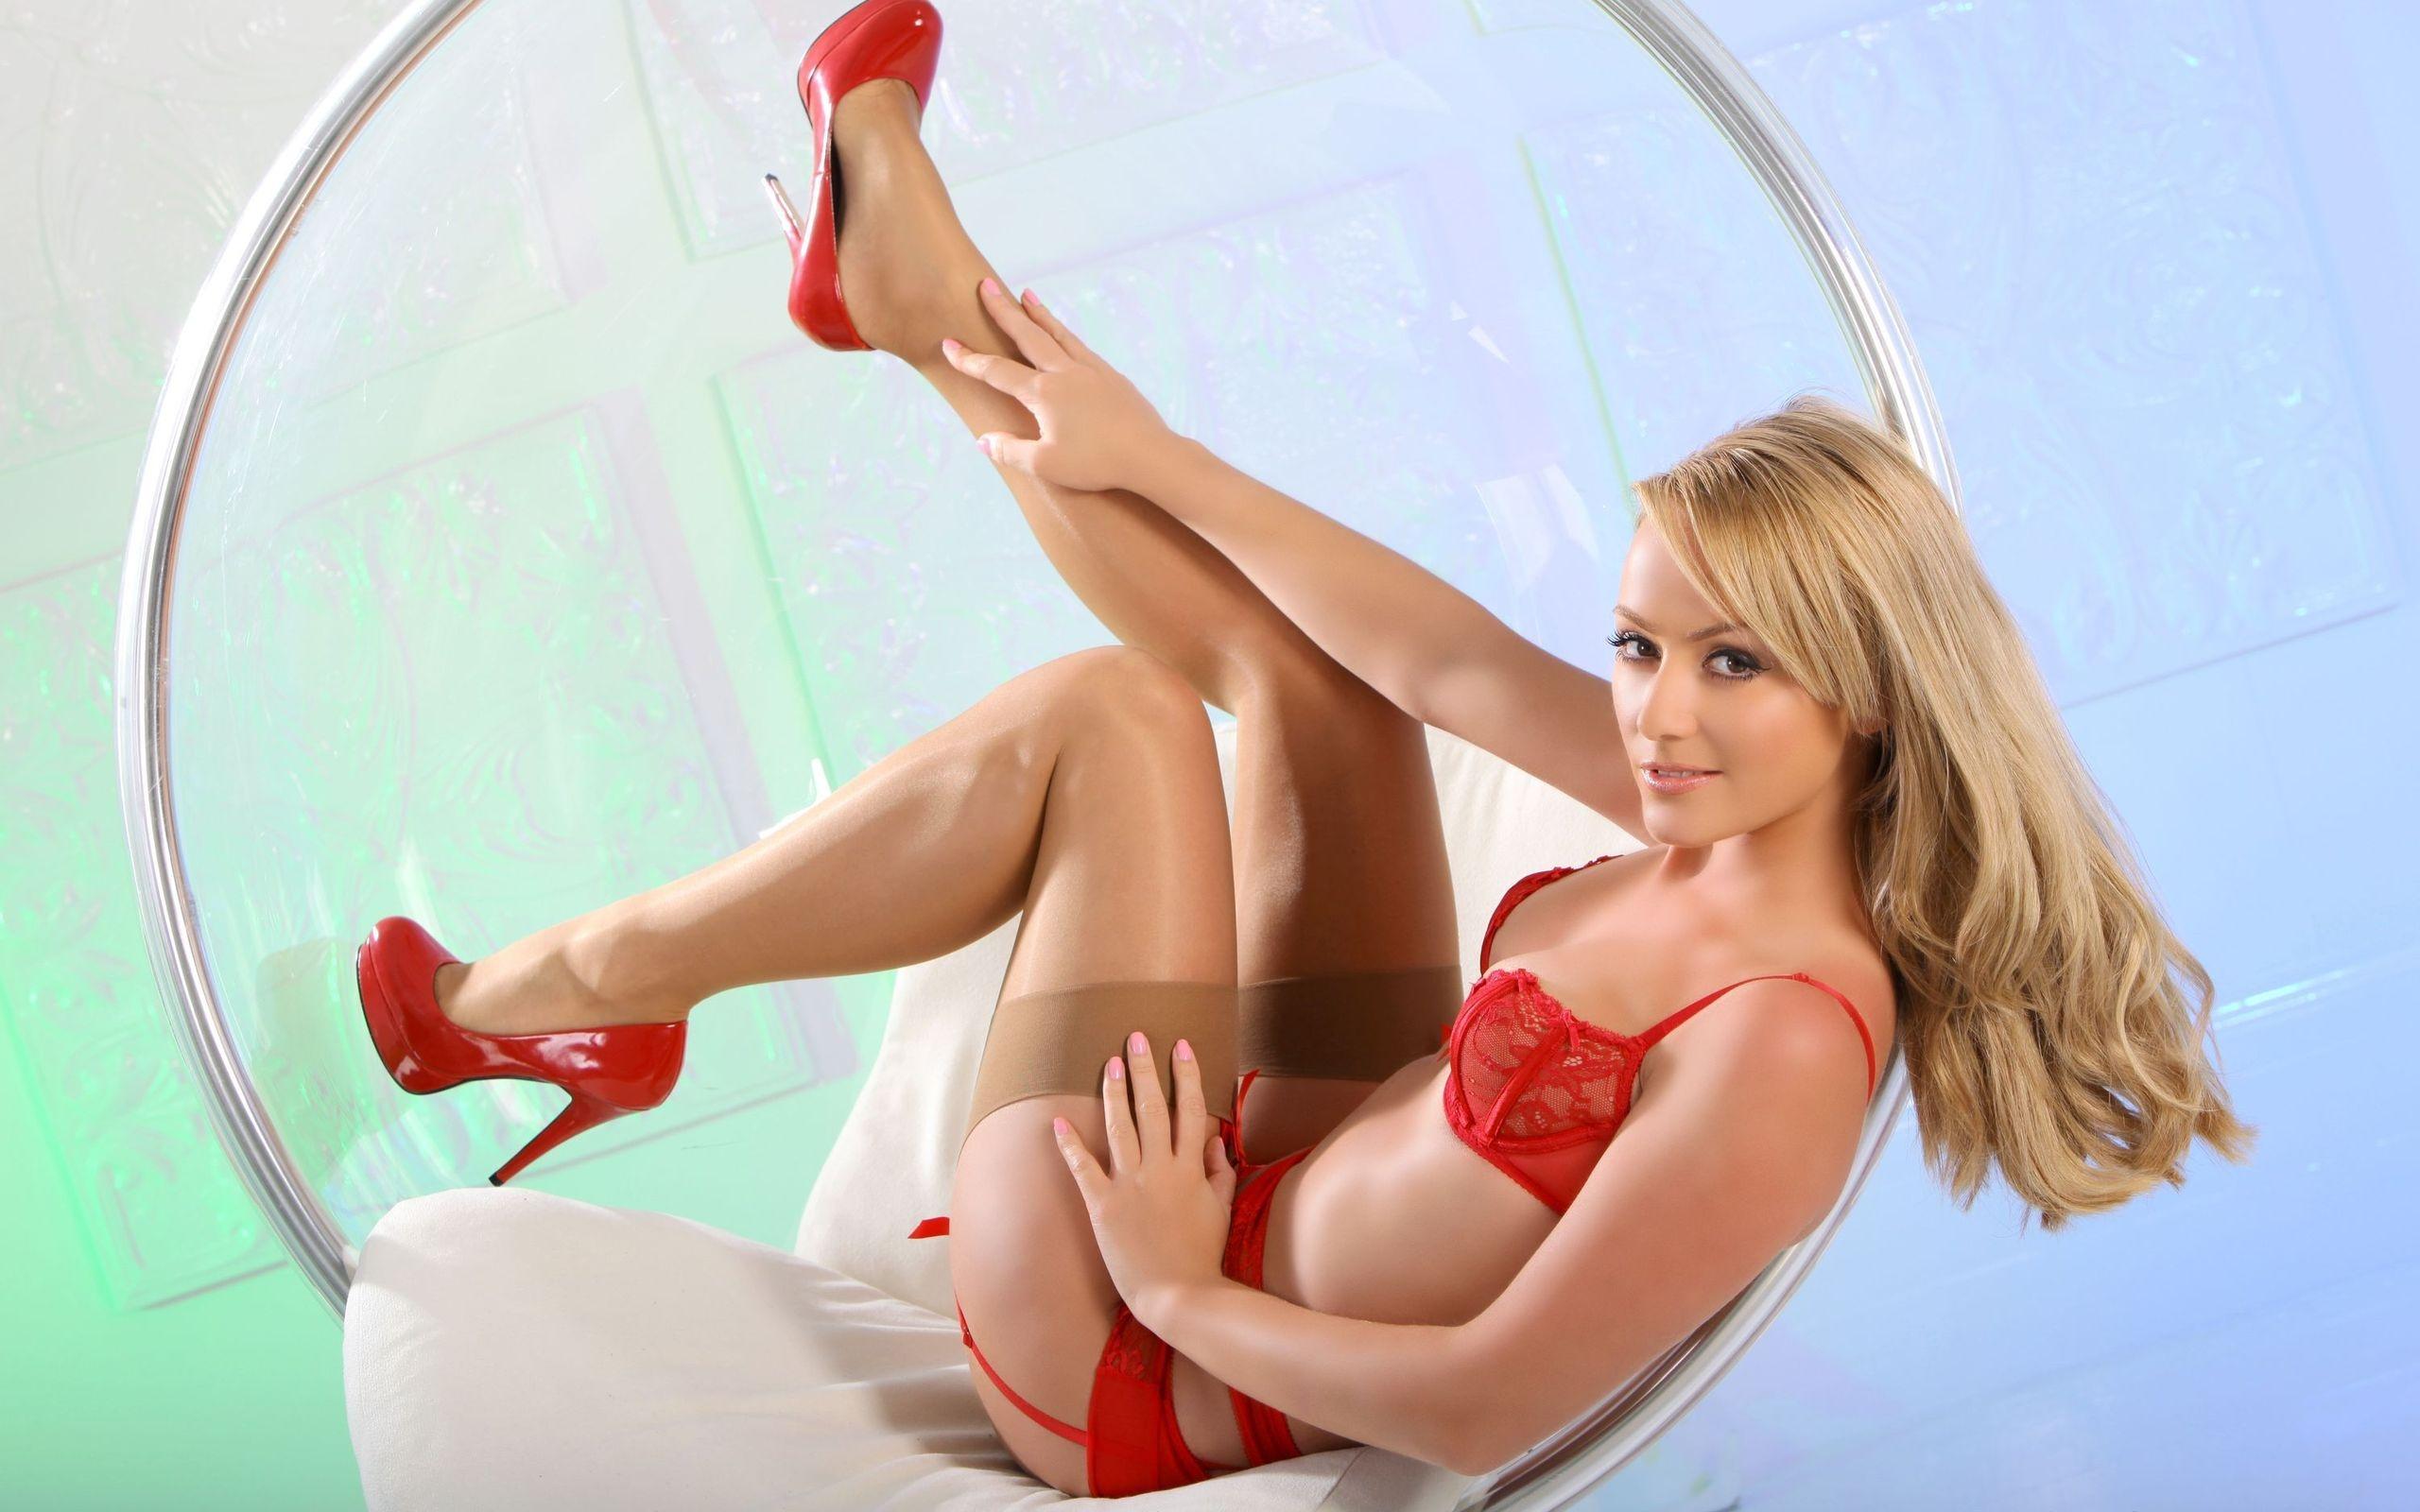 Erotic model Lexxi Tyler rubs her wet pussy wearing hot red lingerie  1059037